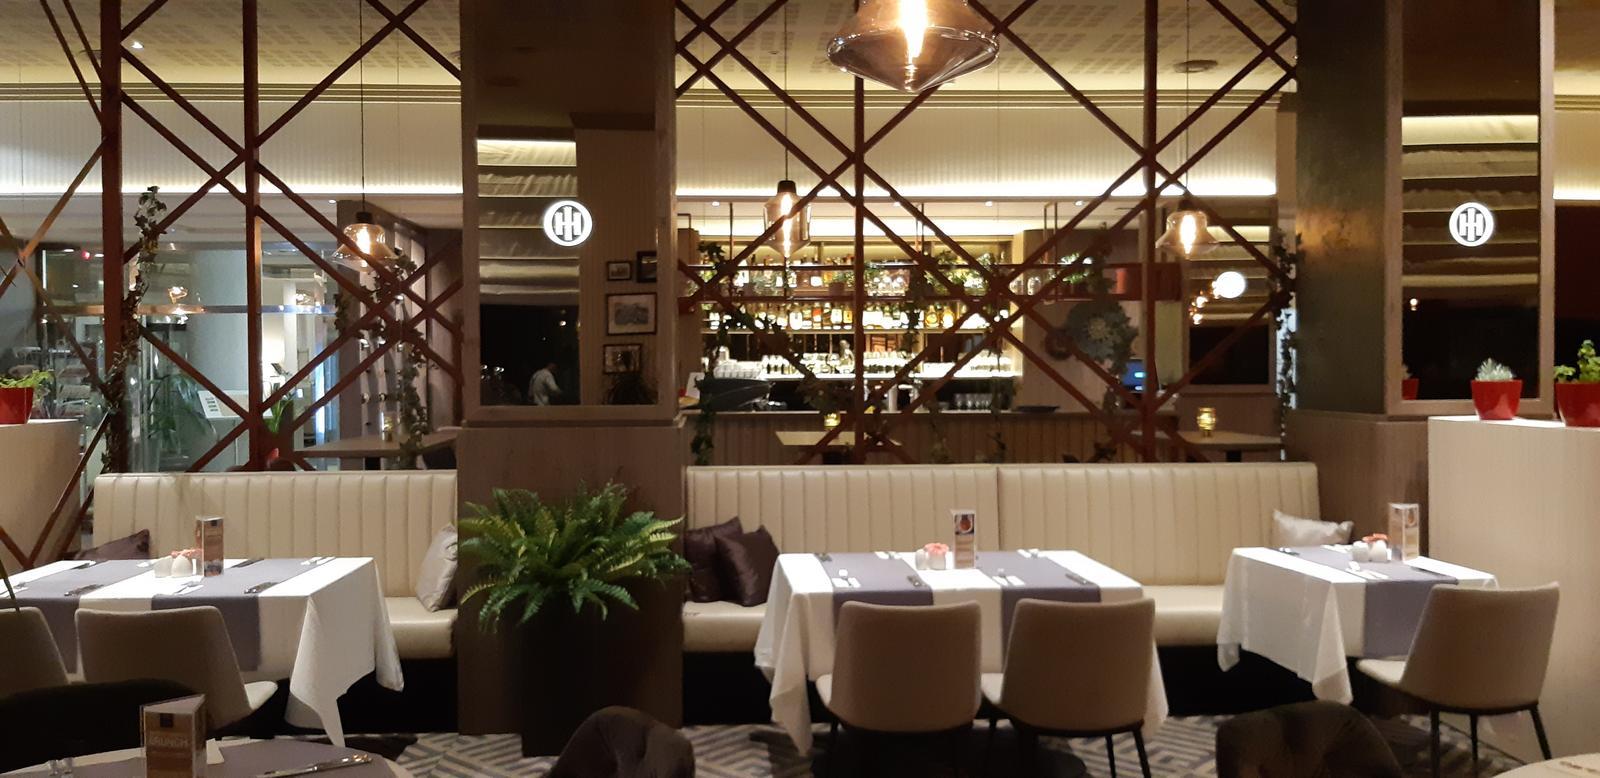 Komerčné priesotry - Hotel Imperial Ostrava - obloženie stĺpov s podsvieteným logom